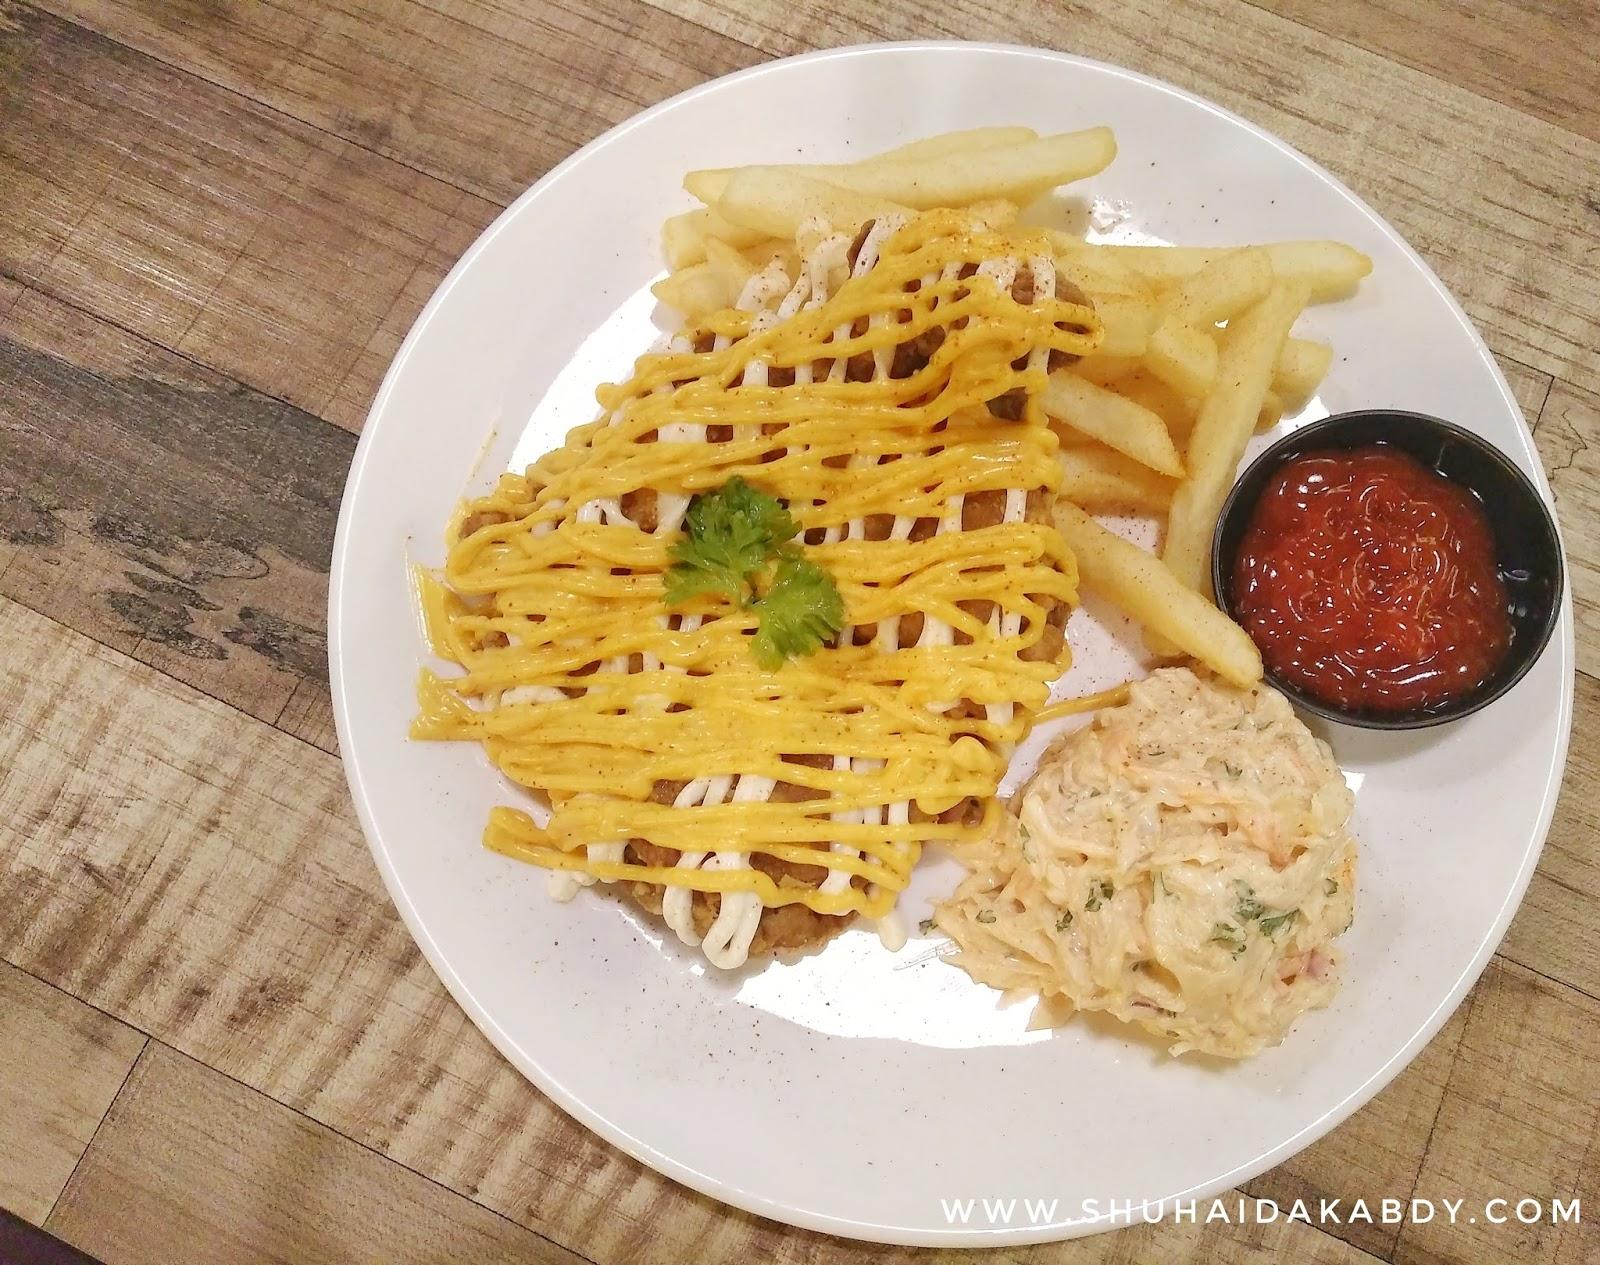 Makan Culture di Melawati Mall Dengan Menu Pilihan Asia dan Barat